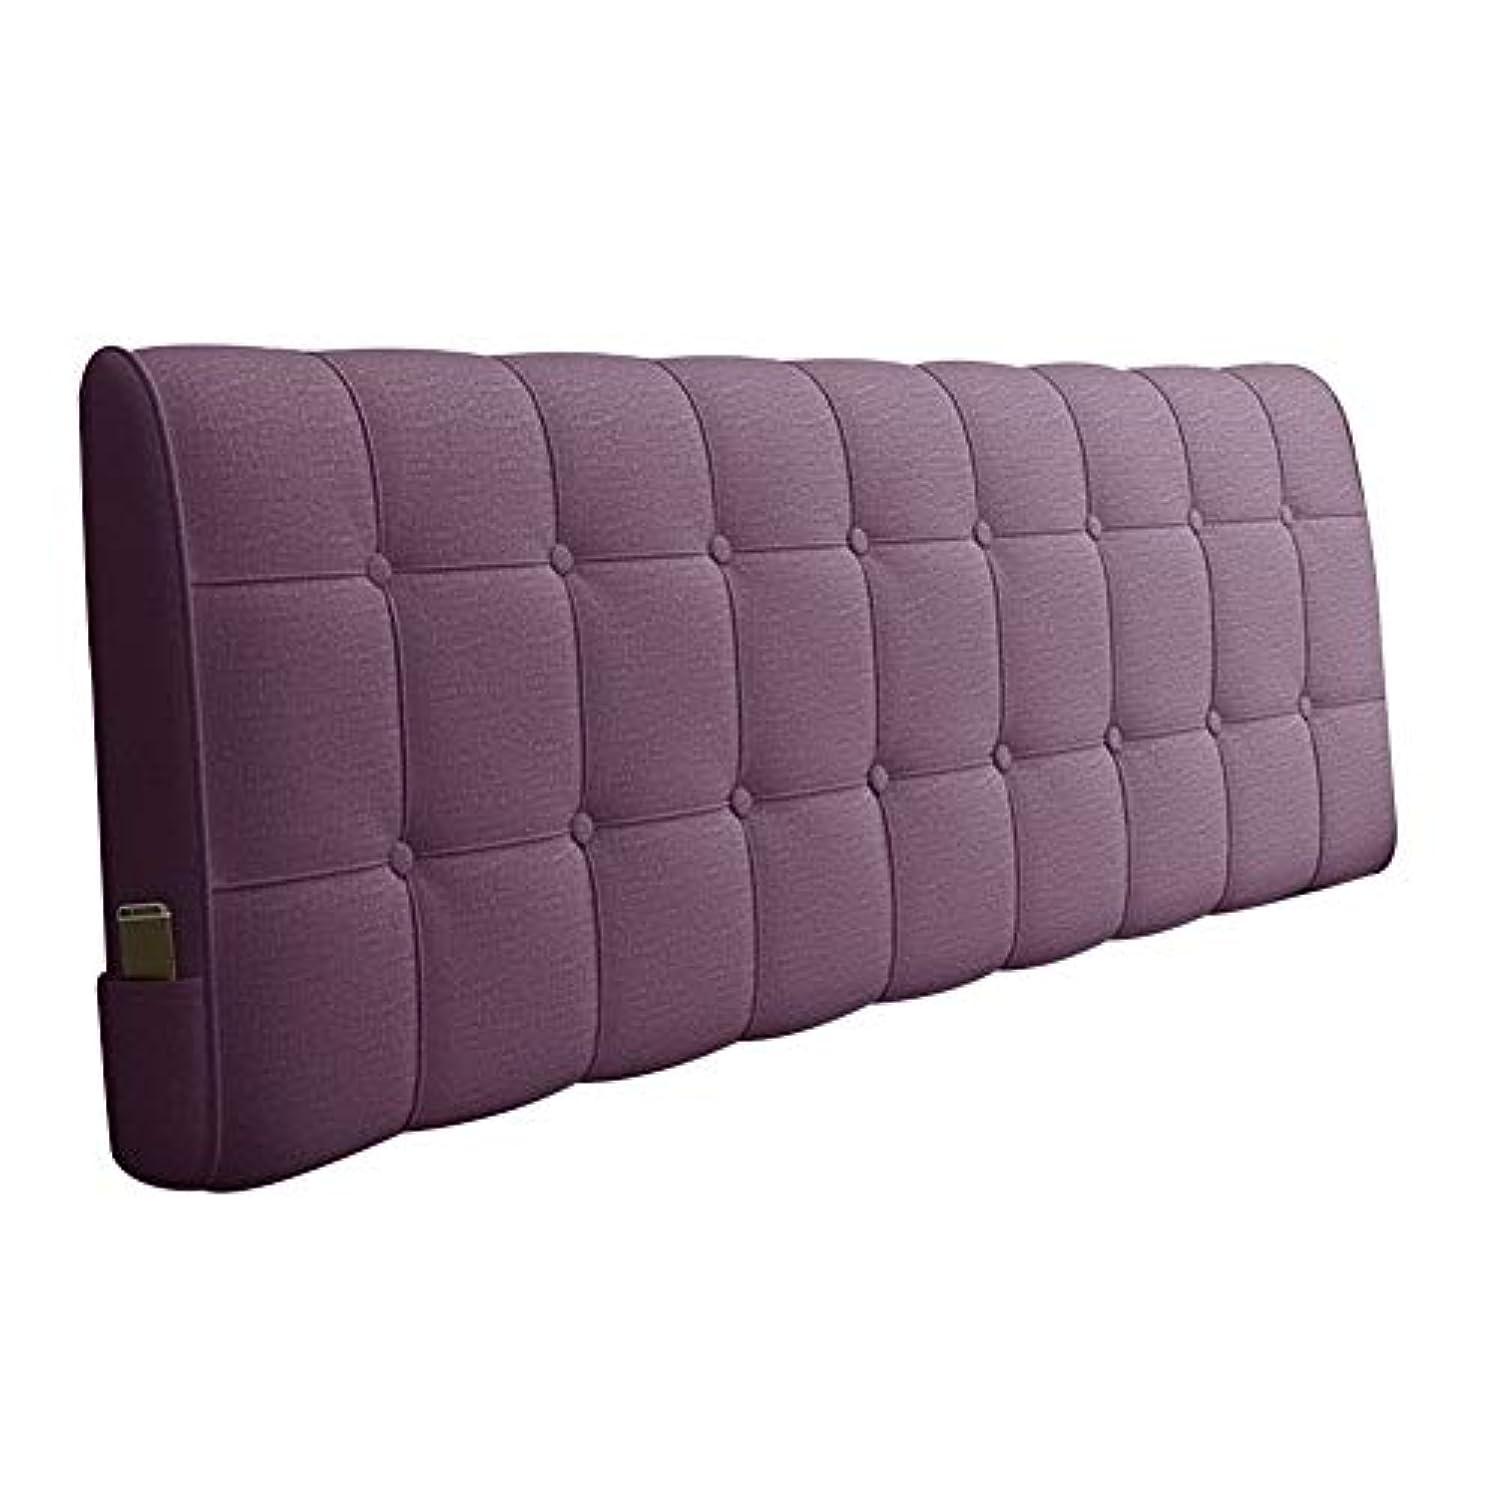 通信網さびた民主党LIANGLIANG クションベッドの背もたれ 屋内 デコレーション ソフトケース フォームベッドウェッジ 残り 枕 洗える、 5色 (Color : Purple, Size : 120cm)